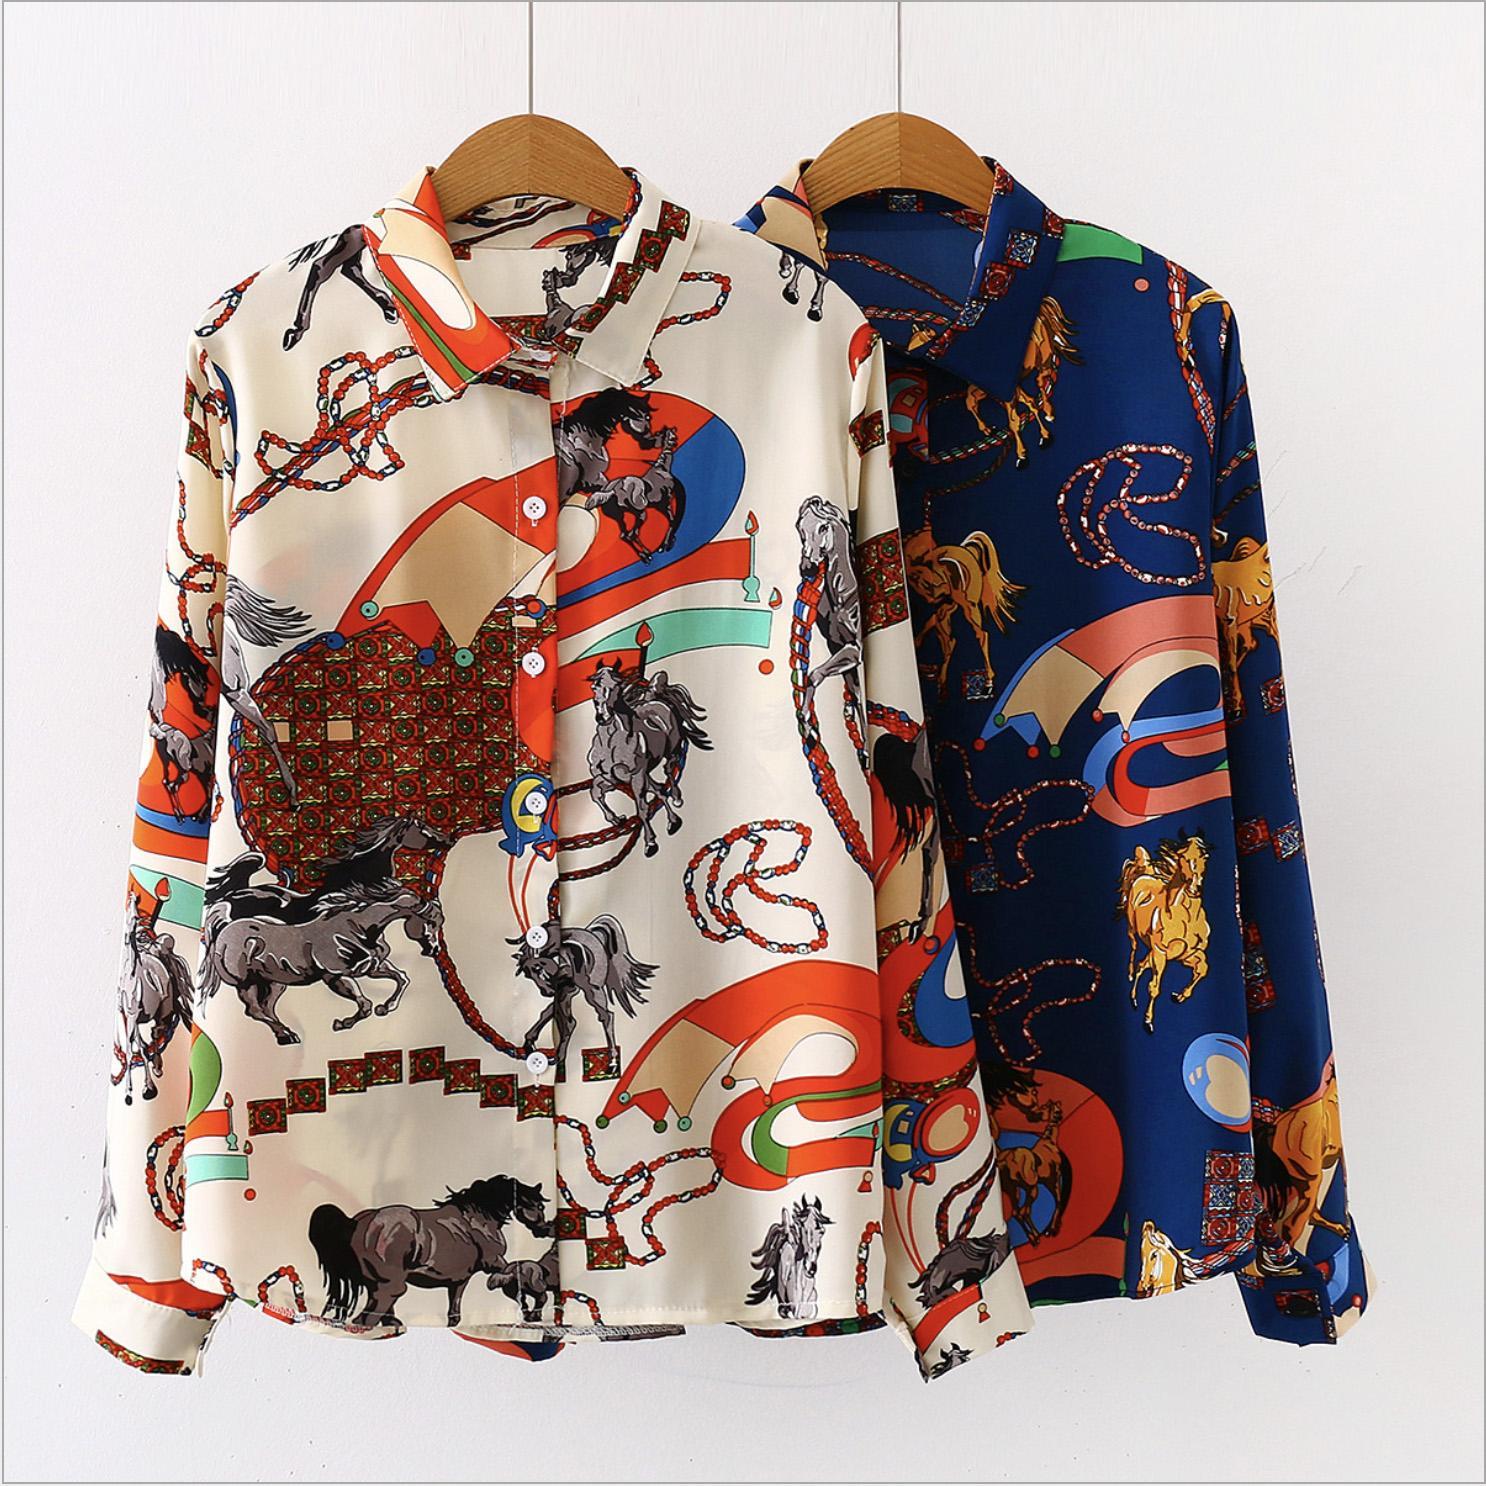 여성 디자이너 라펠 넥 버튼 블라우스 봄 가을 레트로 꽃 인쇄 럭셔리 카디건 블라우스 패션 셔츠 긴 소매는 셔츠 탑